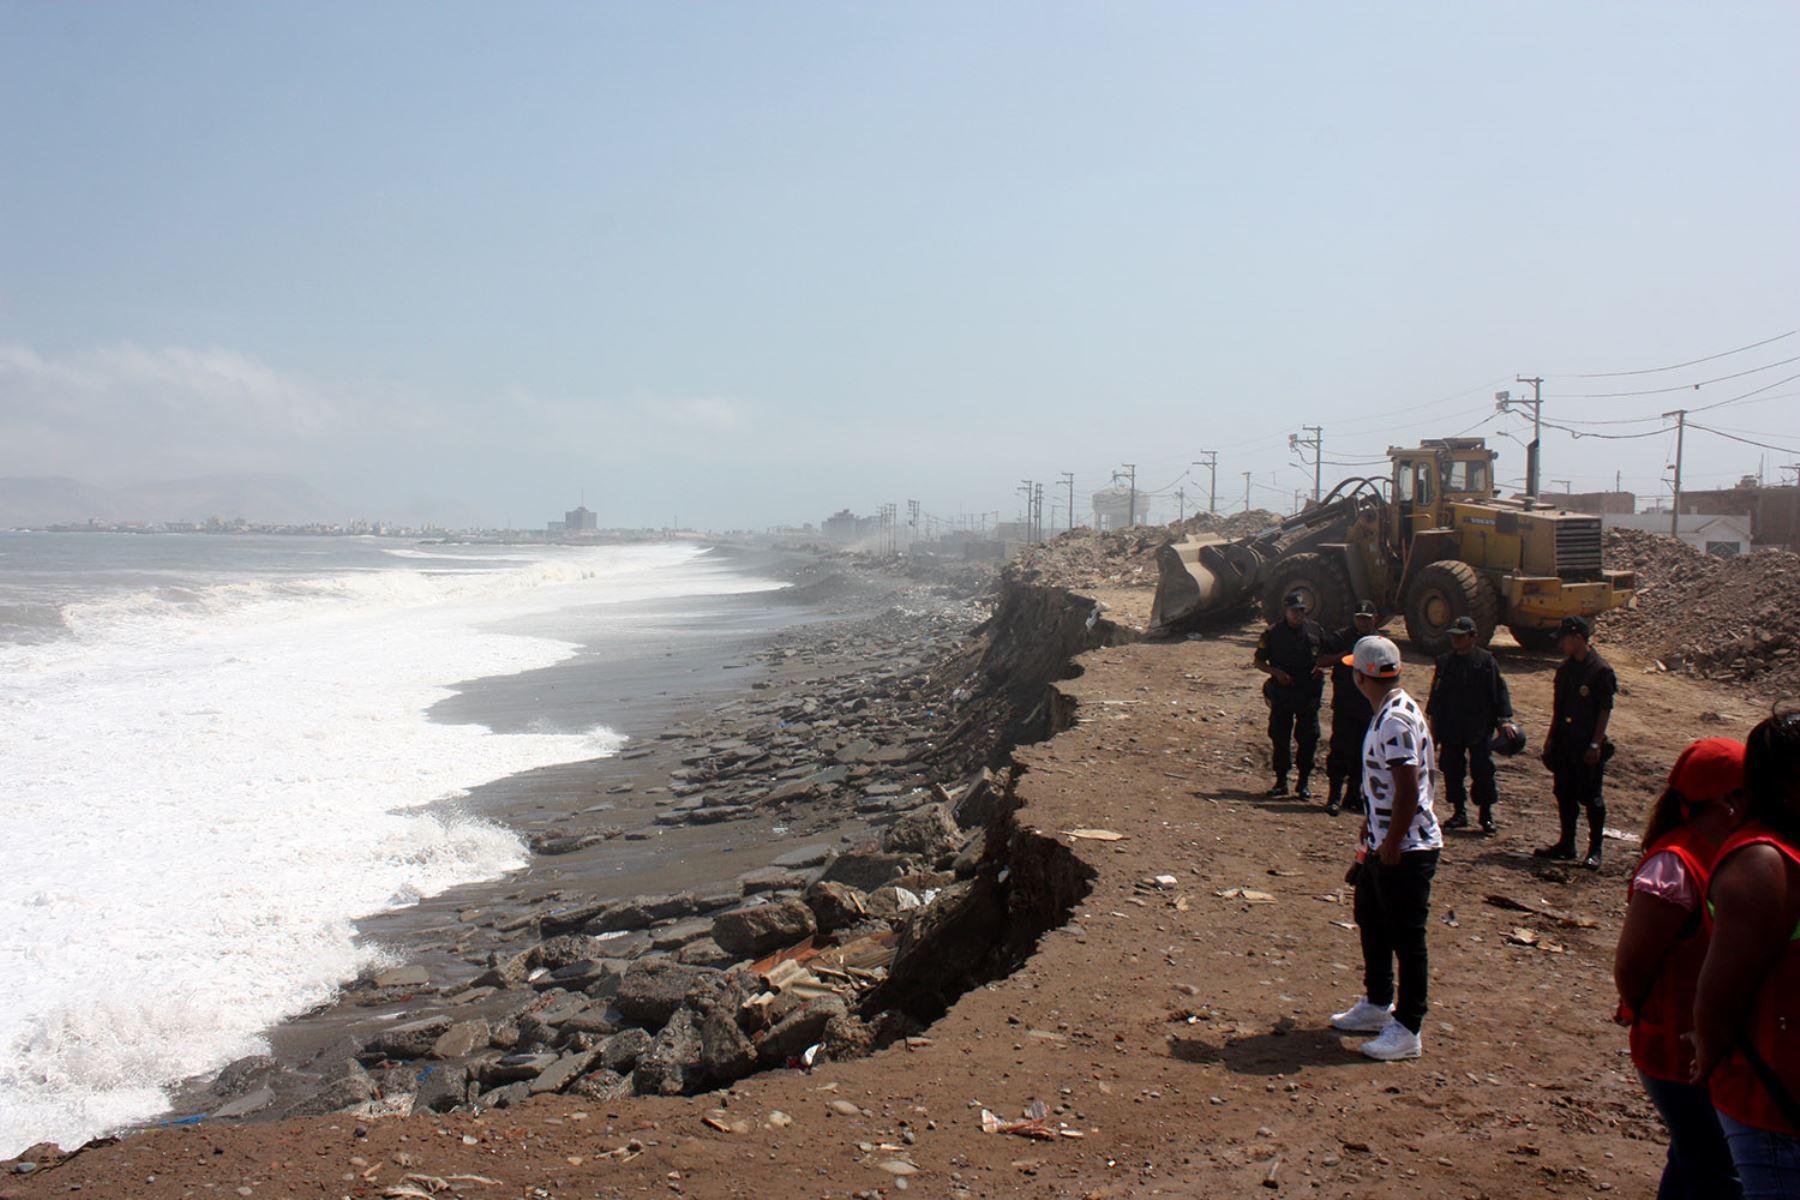 La ocurrencia de oleaje ligero del suroeste se espera desde esta  madrugada  en el litoral sur y en la tarde del mismo día en el litoral centro, mientras que en la tarde de mañana martes 24 de setiembre en el litoral norte, informó la Dirección de Hidrografía y Navegación (DHN) de la Marina de Guerra del Perú.ANDINA/Difusión